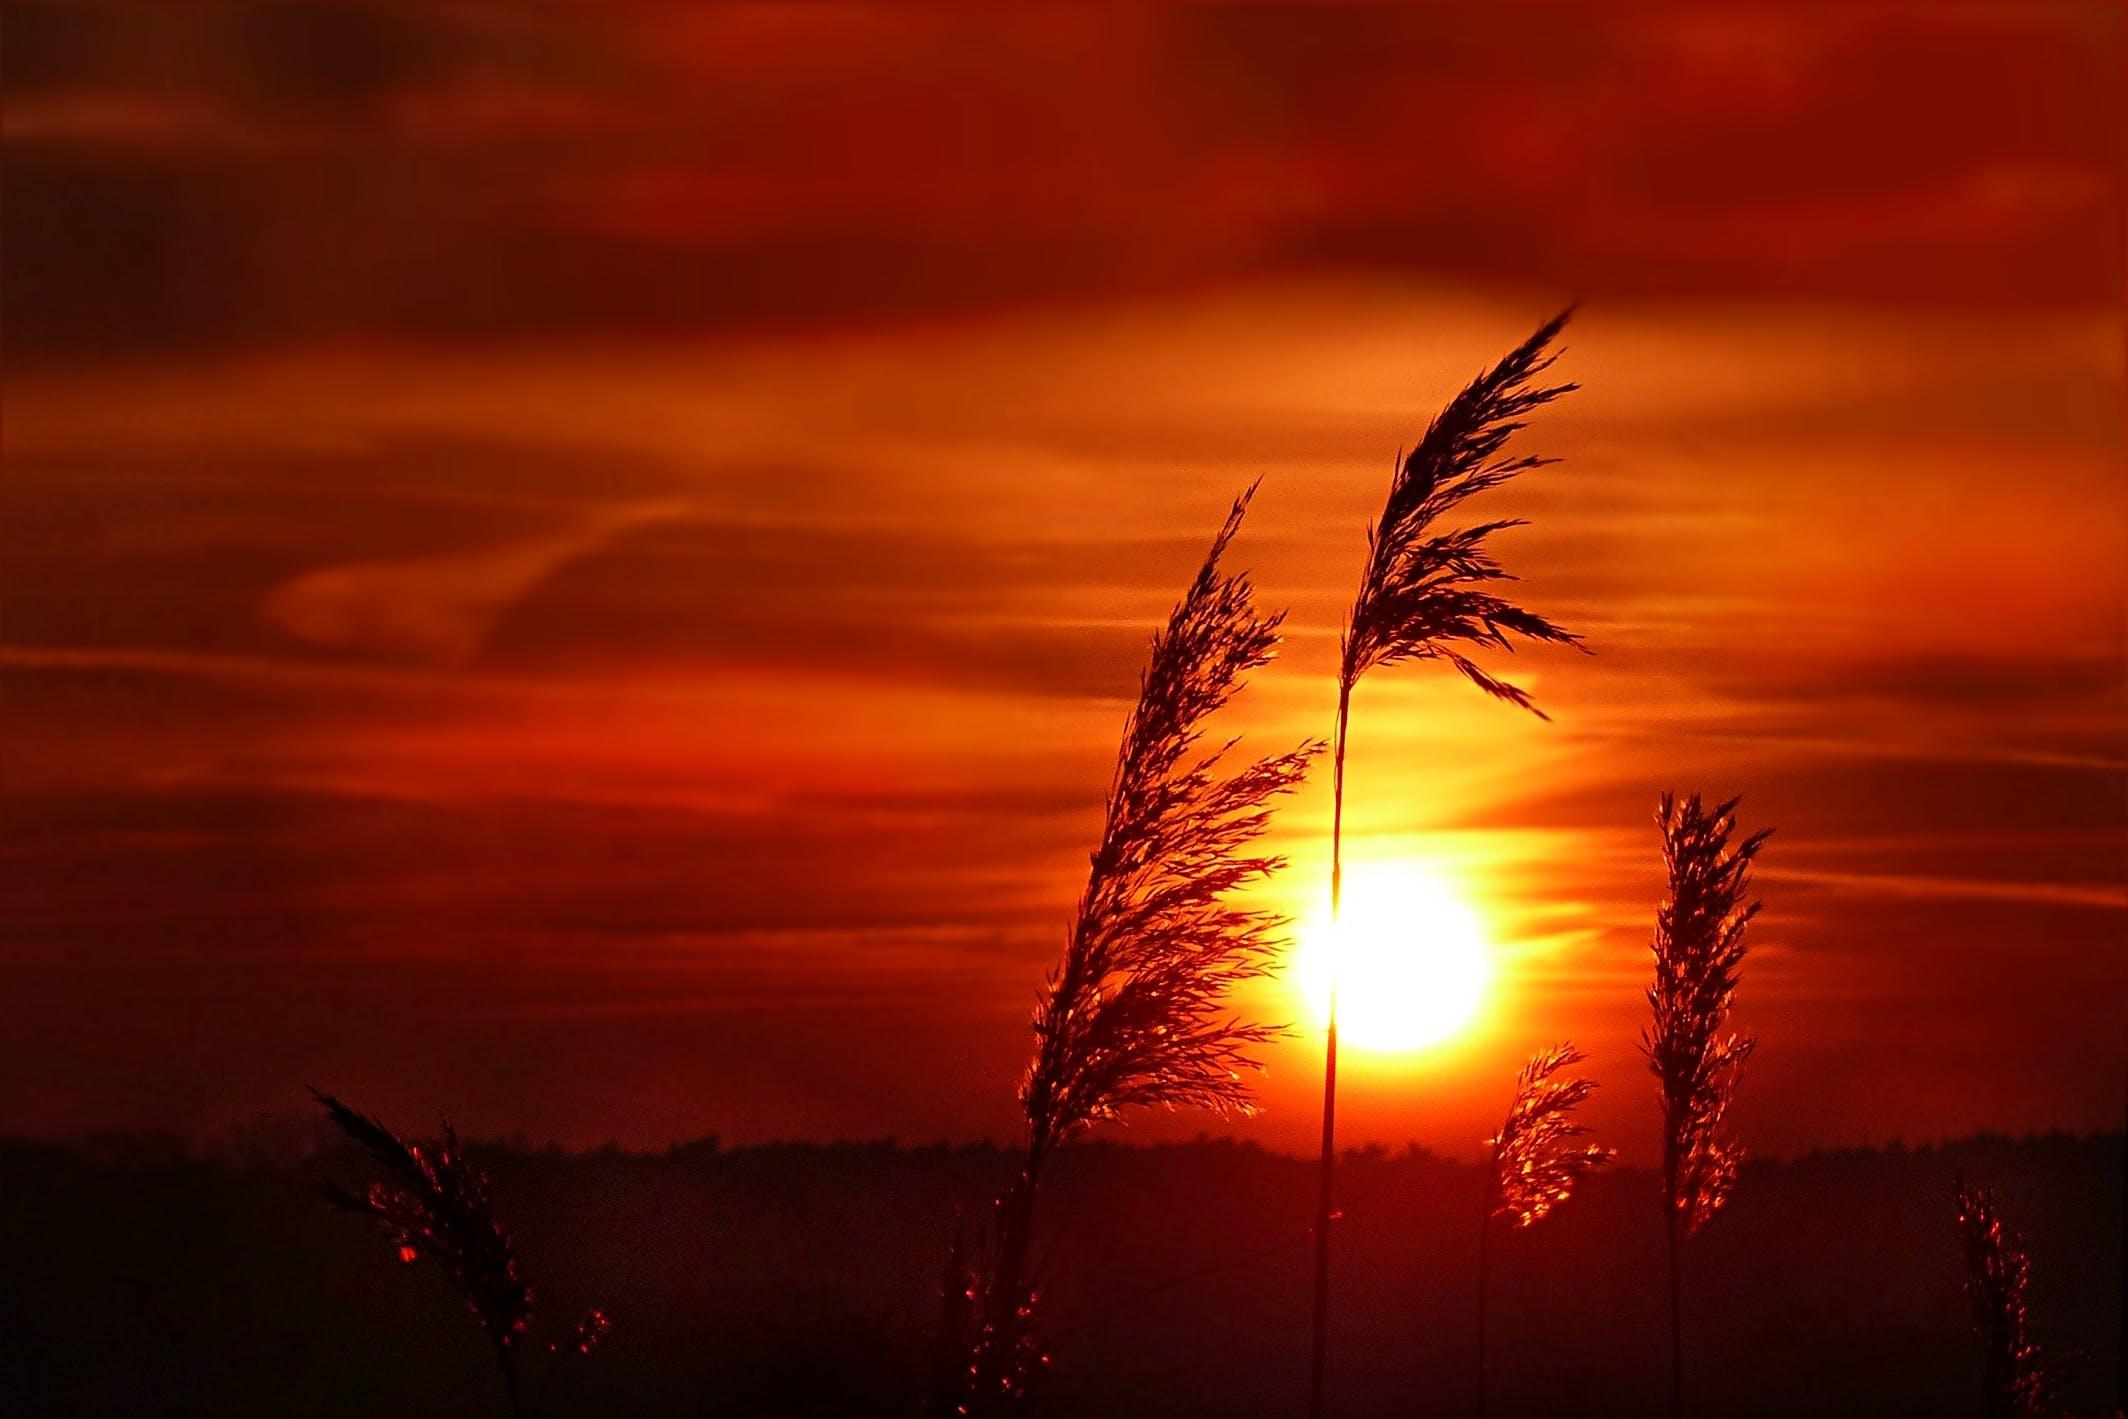 Free stock photo of nature, sunset, beautiful, mood